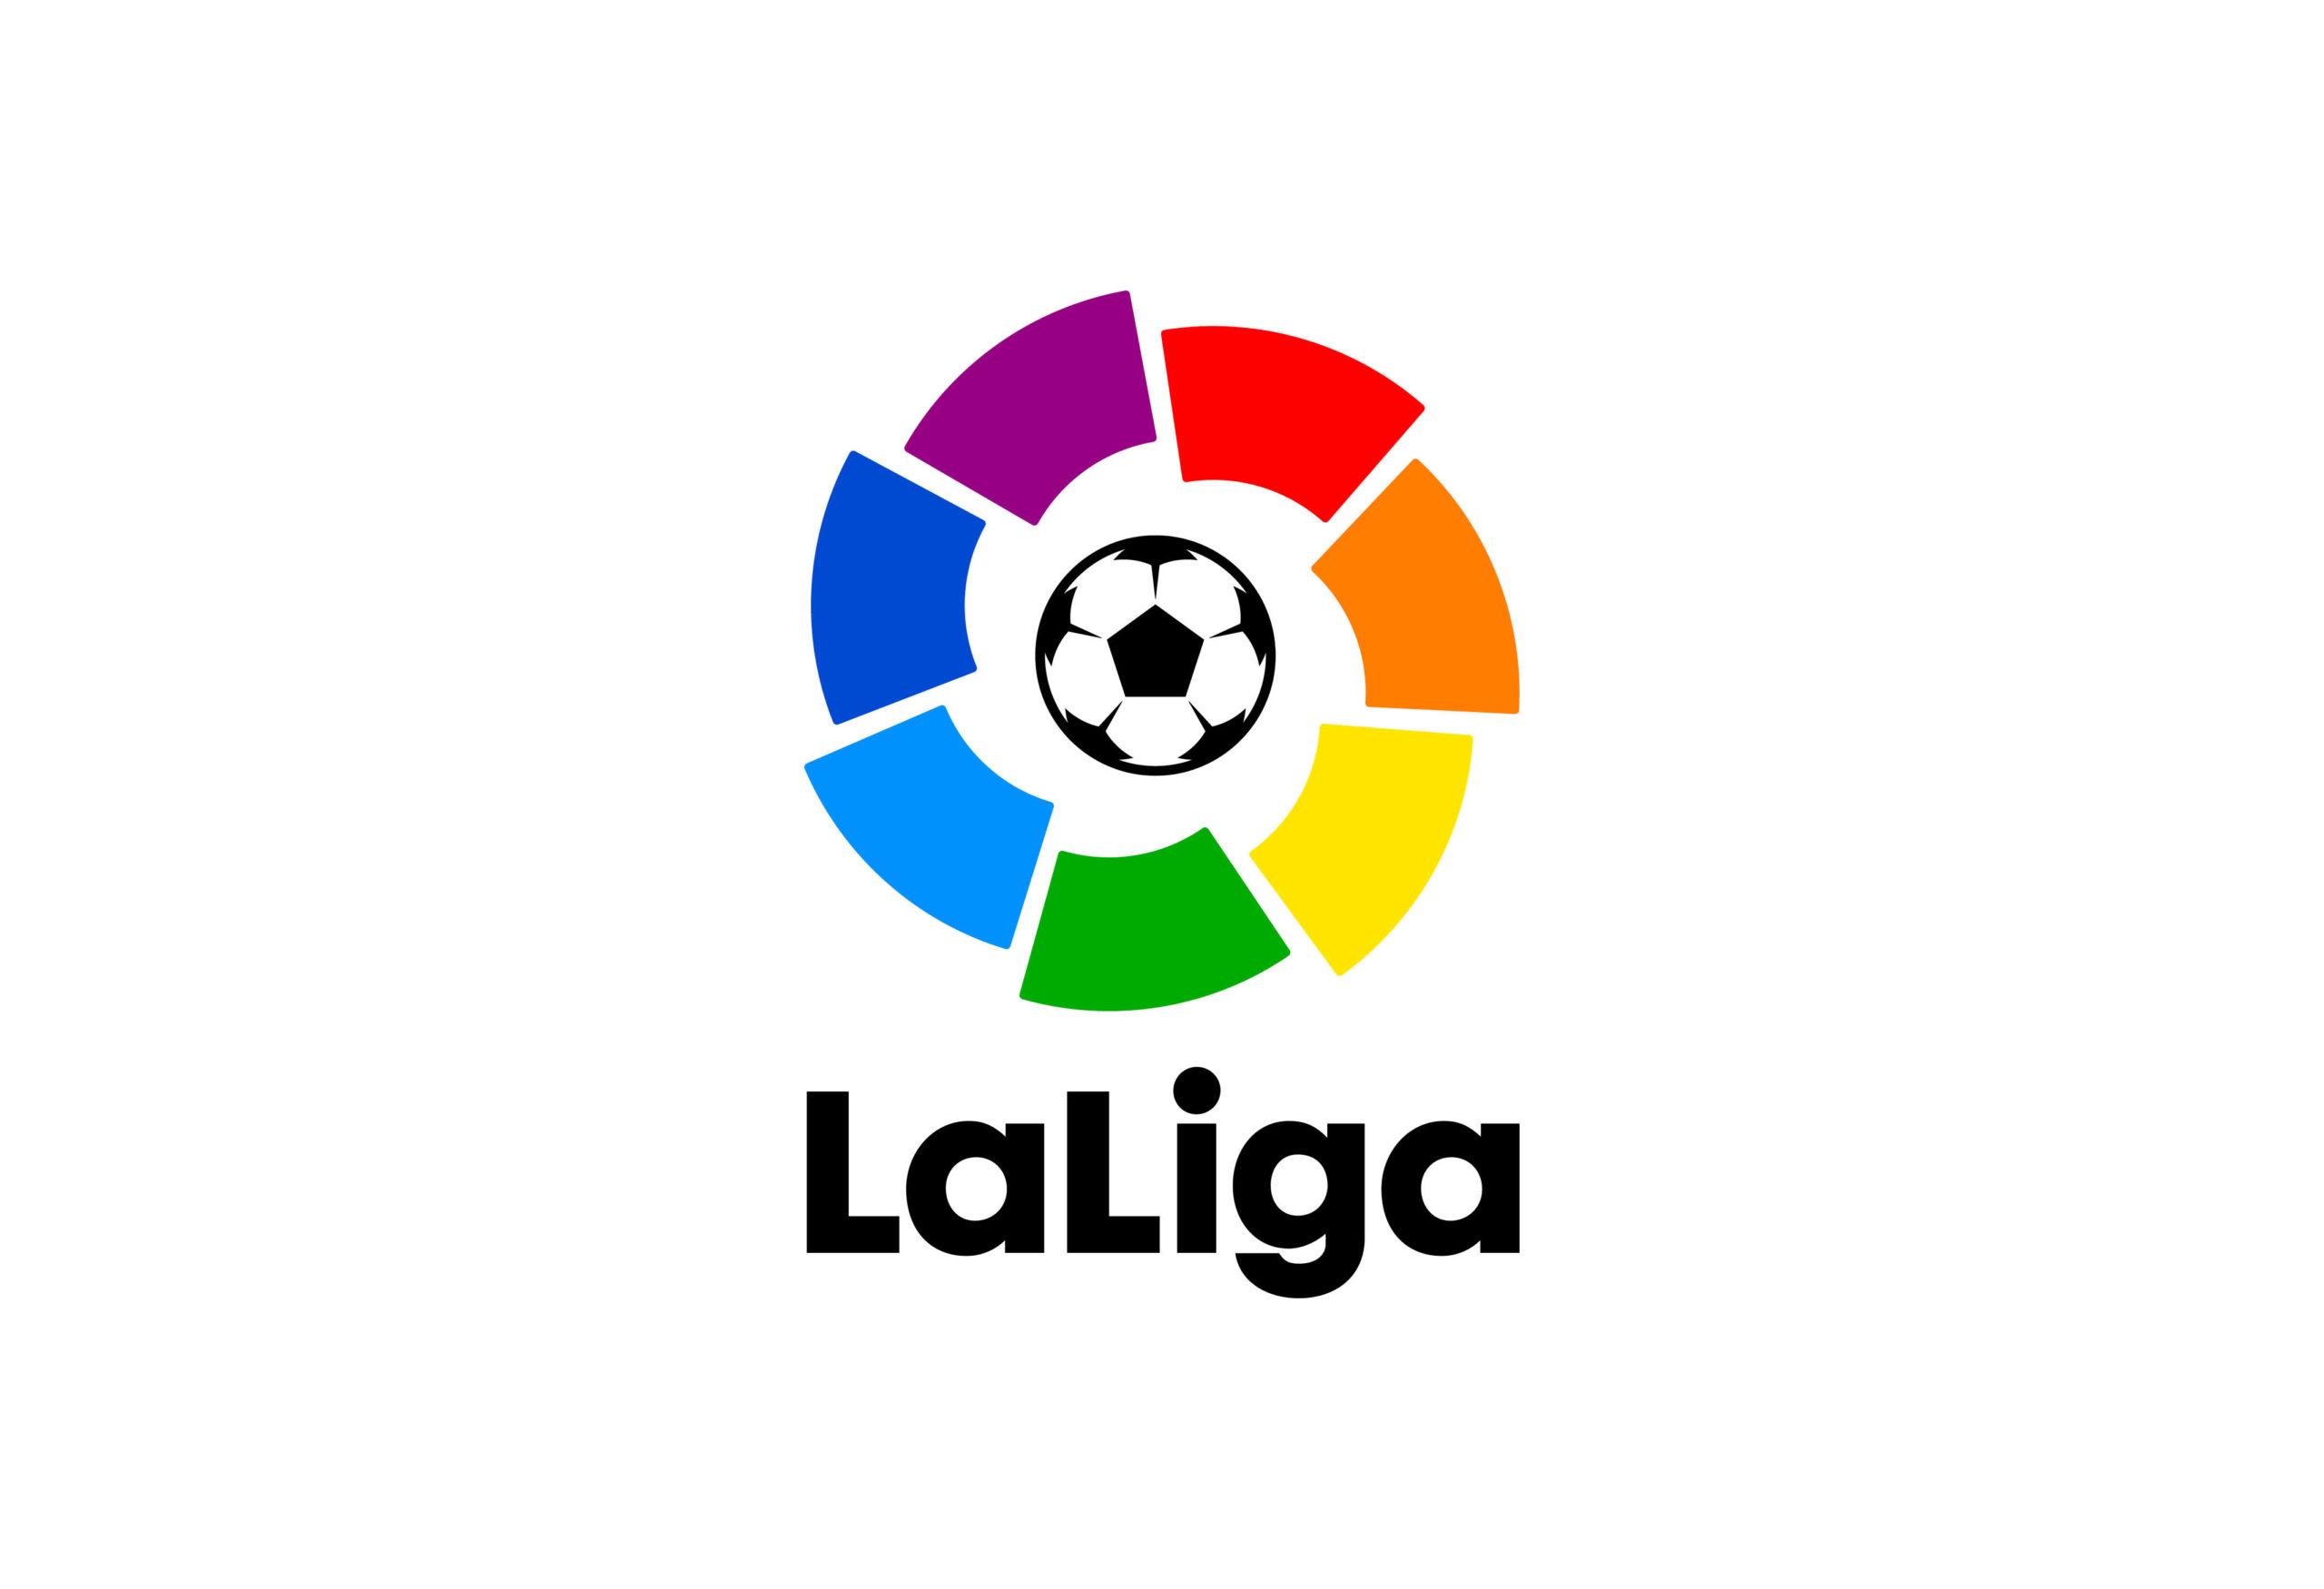 La Liga spending caps